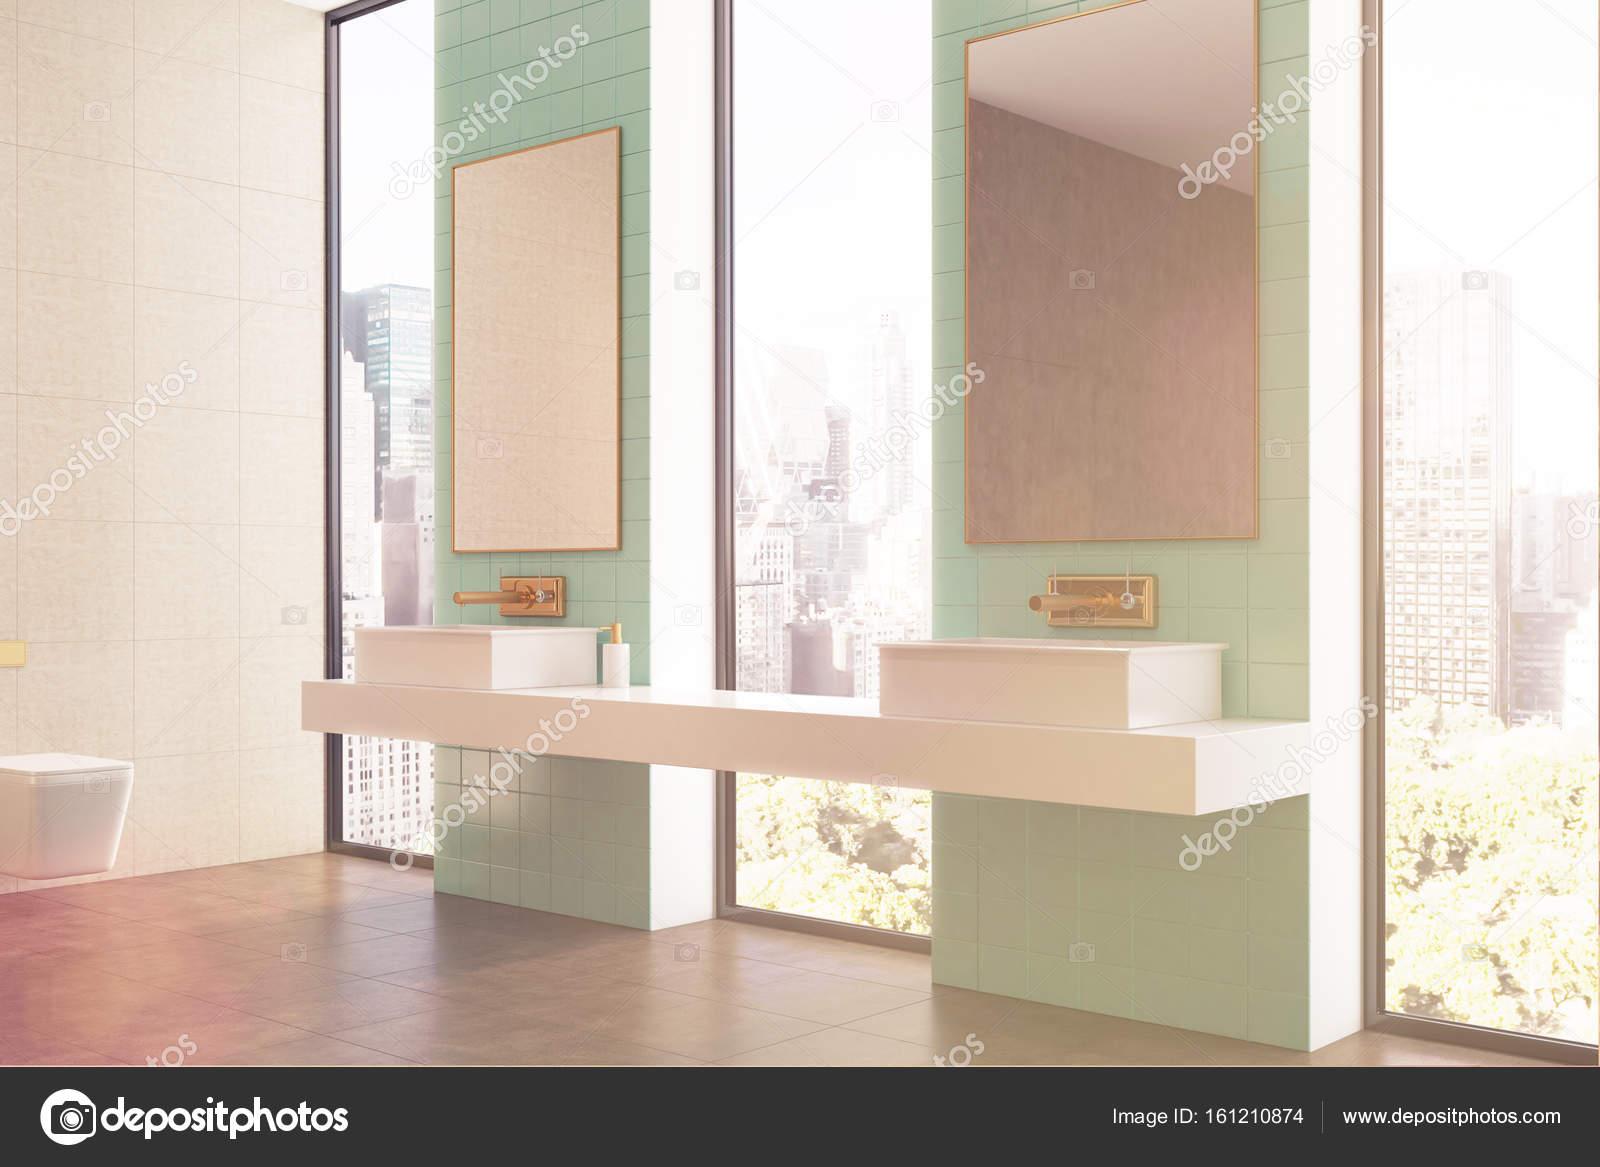 Groene badkamer, dubbele wastafel, kant afgezwakt — Stockfoto ...